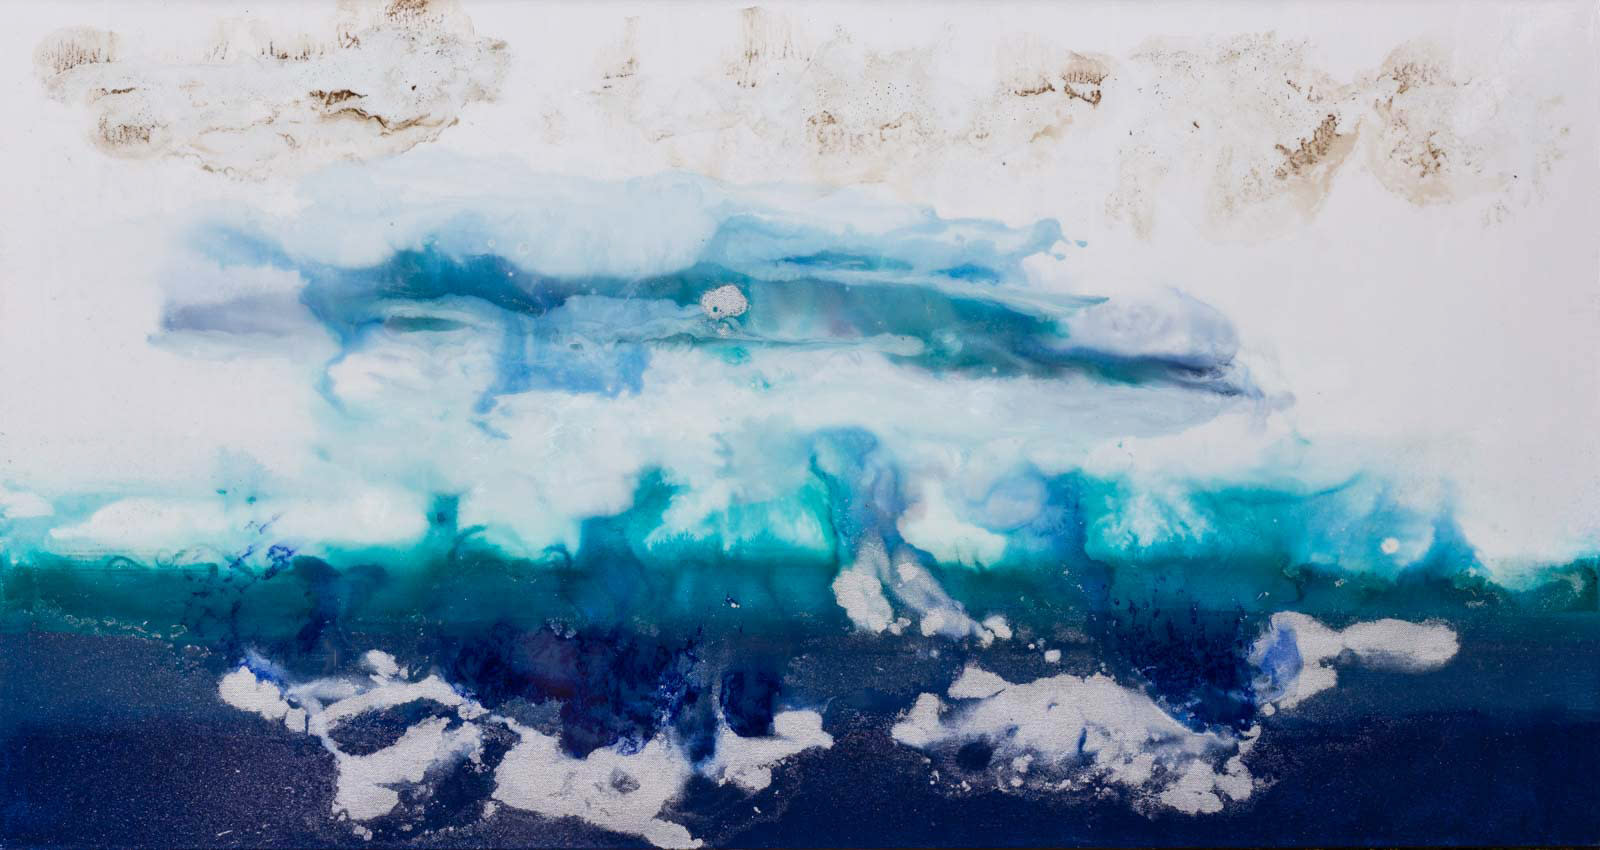 Aqua, Kevin Burton